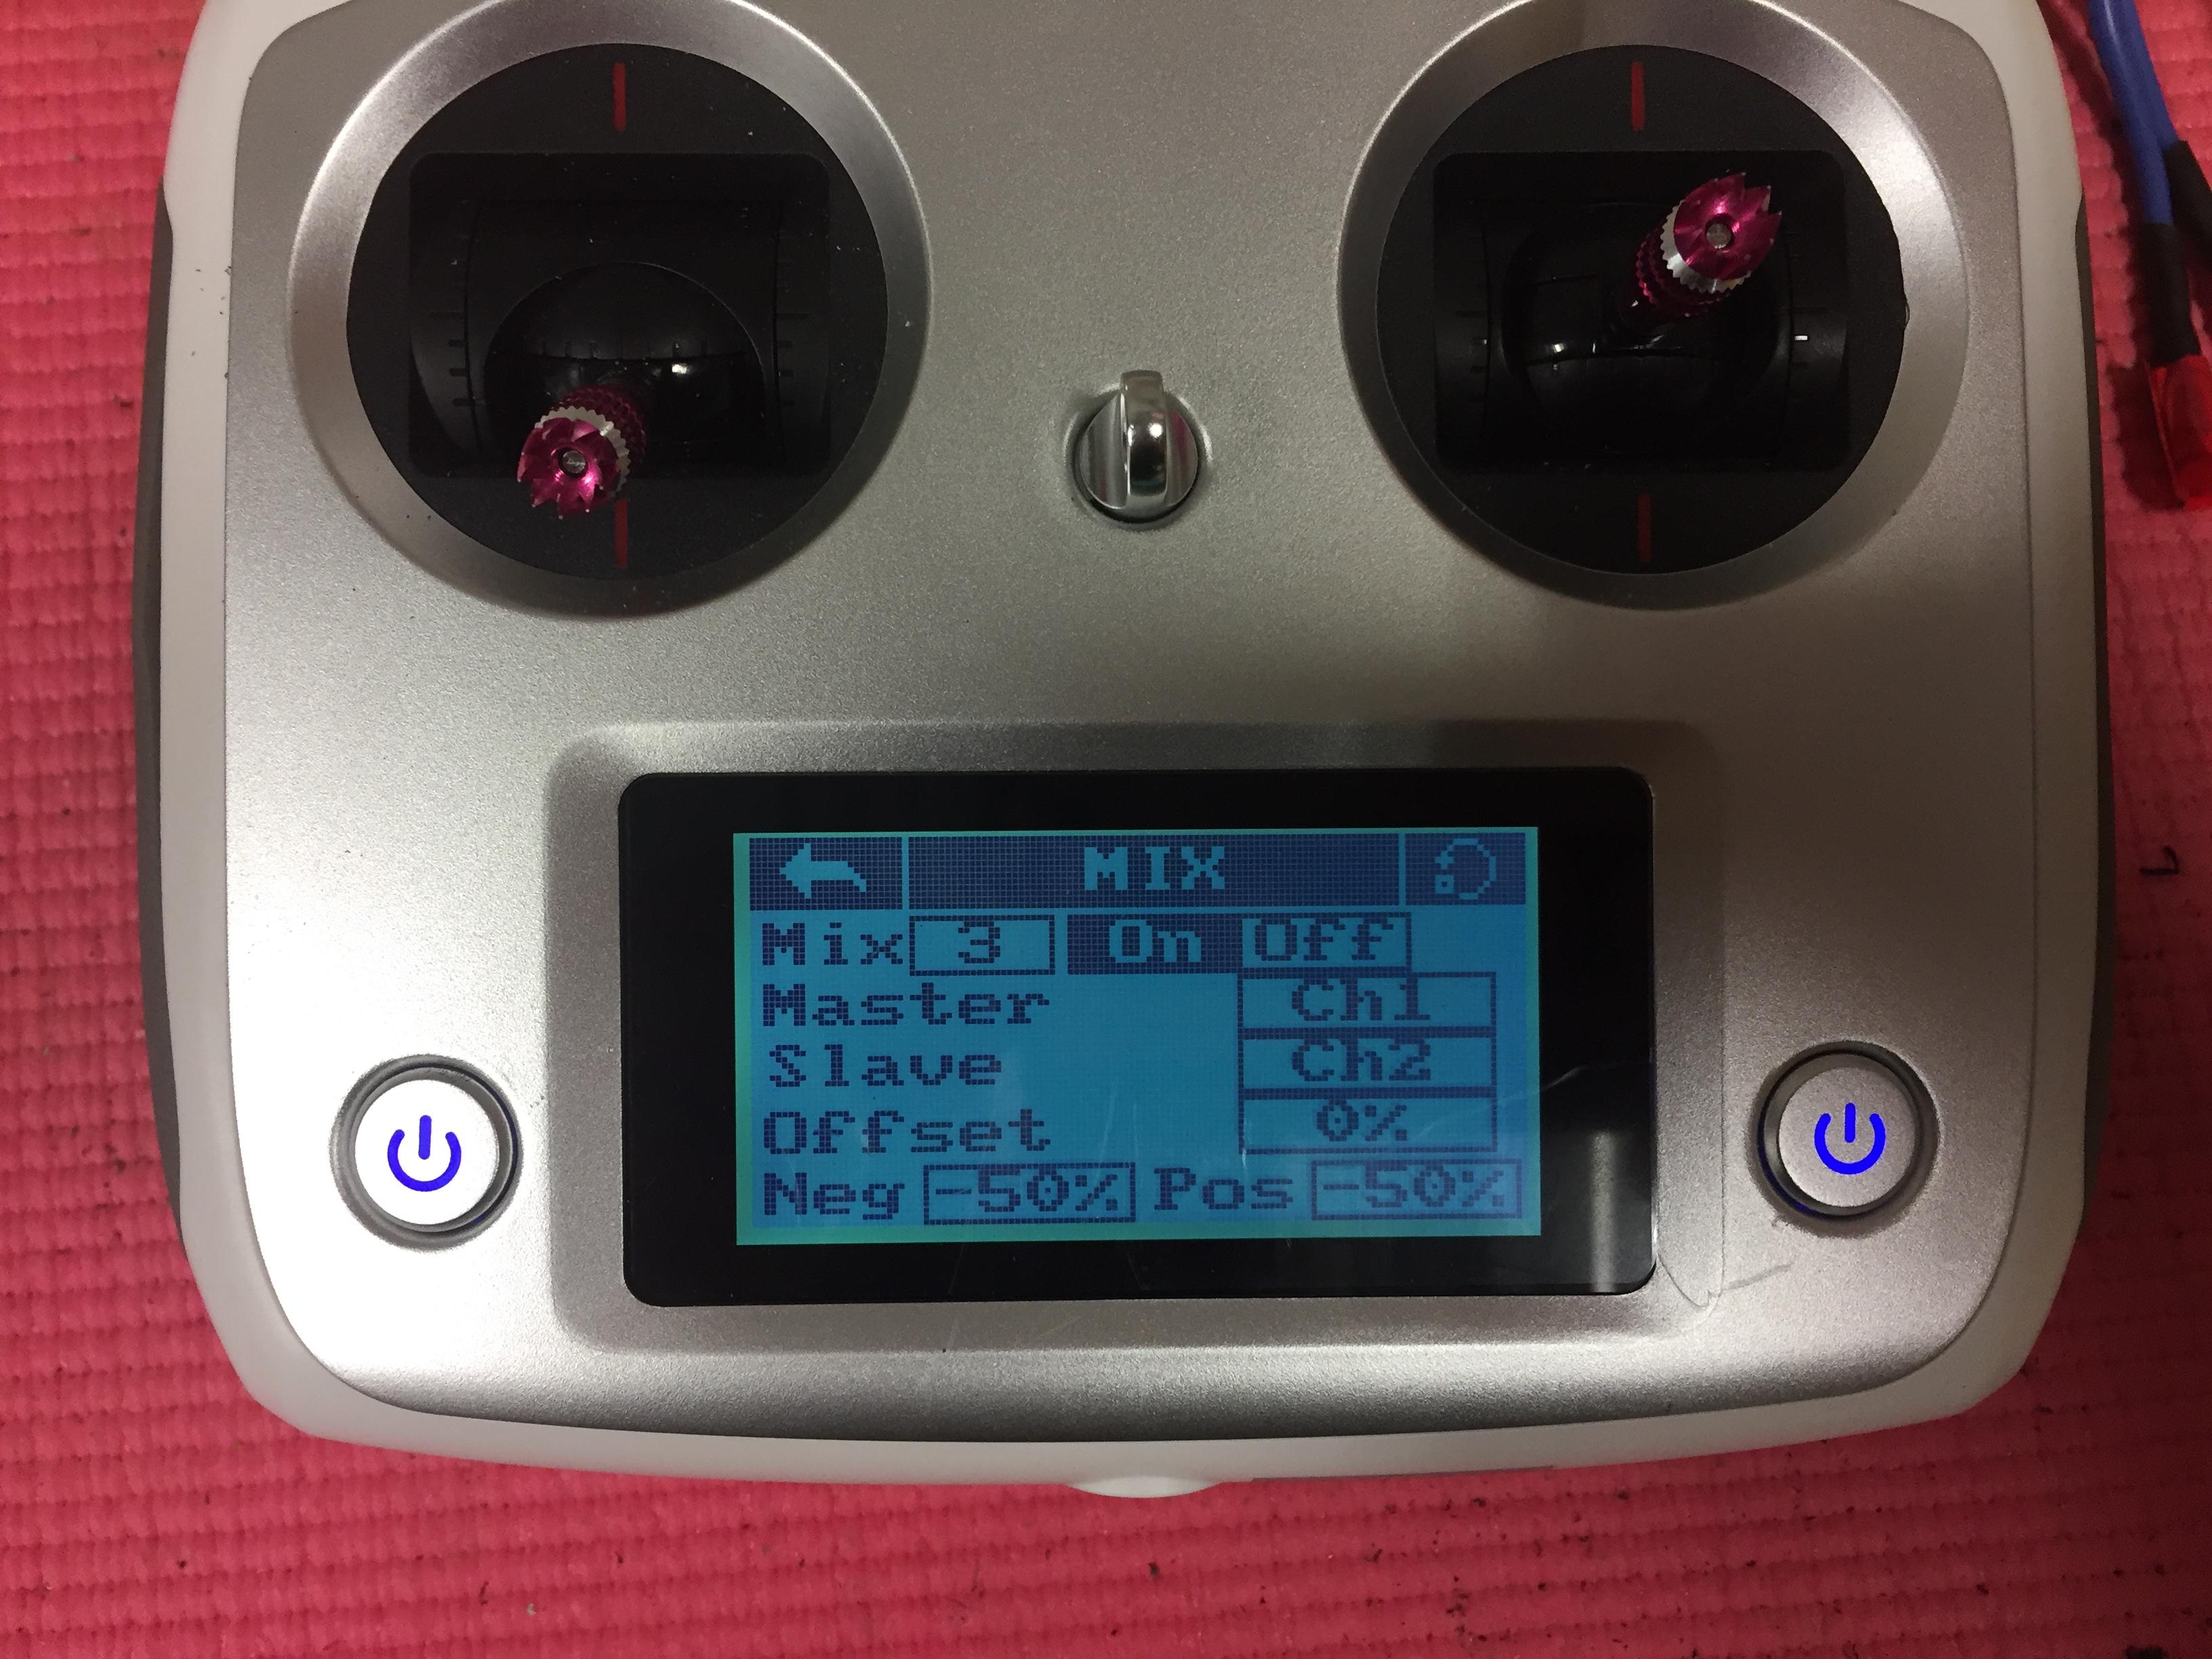 AB56AA95-FADE-49D4-B522-BE38C68A7E5C.jpeg